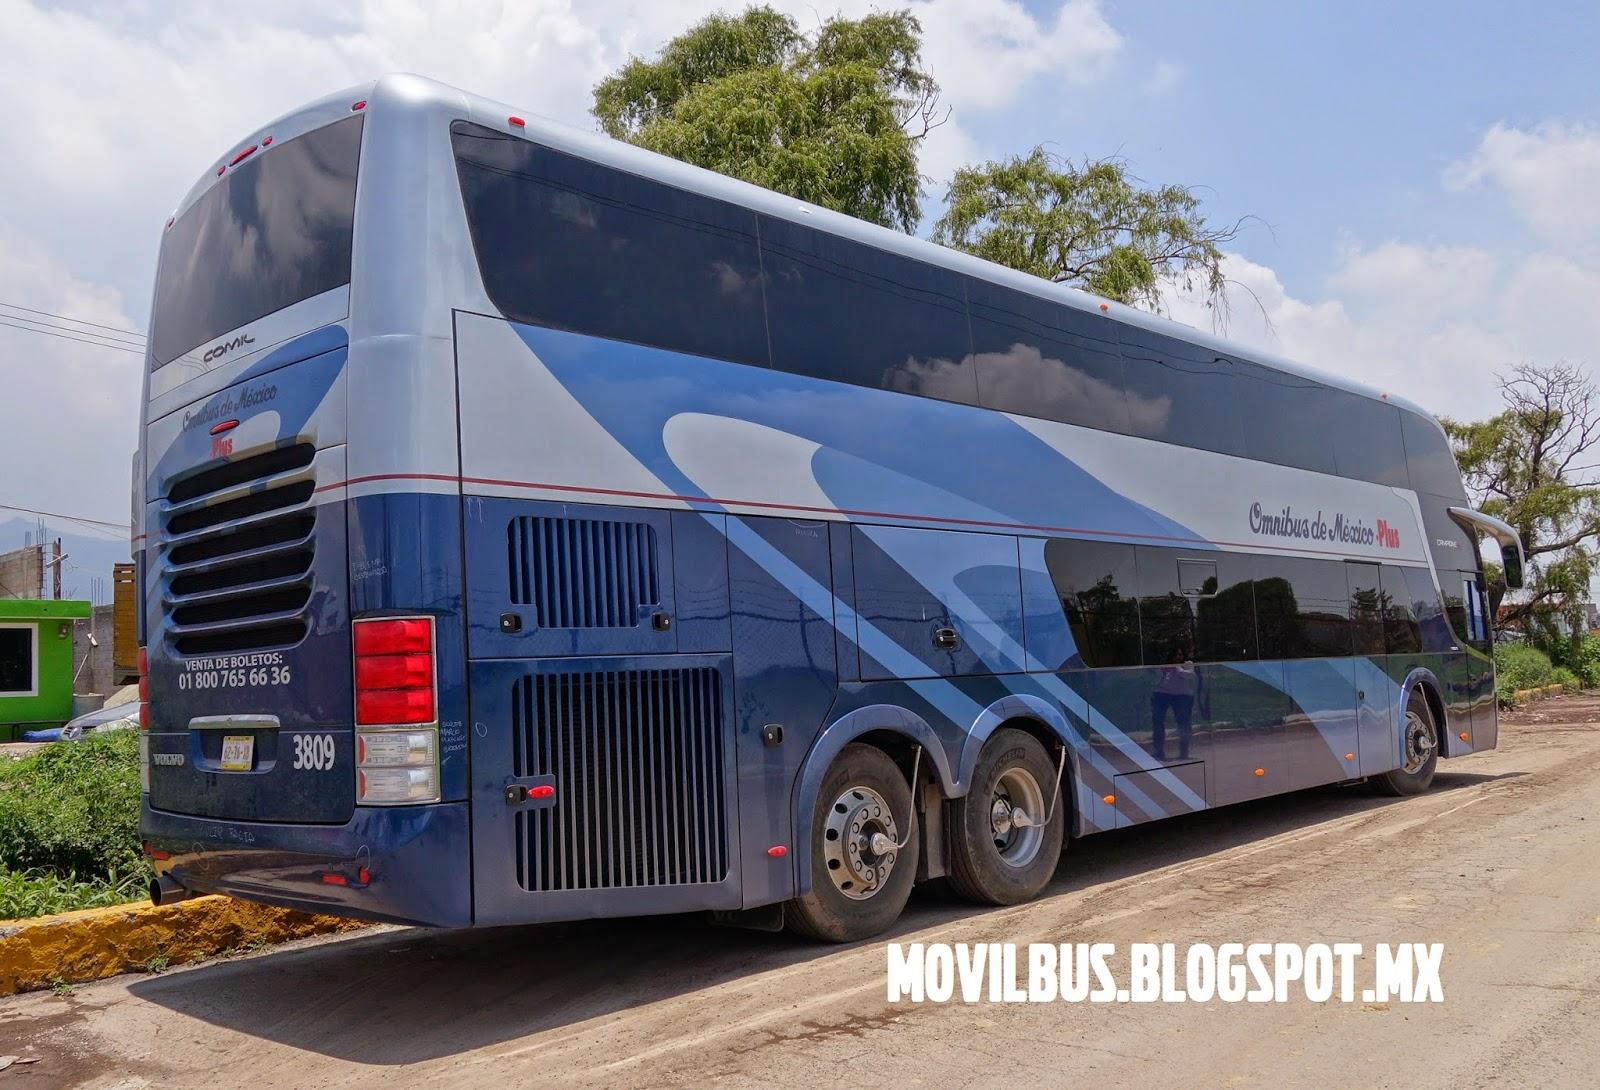 Movilbus volvo double decker comil campione dd omnibus de mexico plus - Autobuses de dos pisos ...